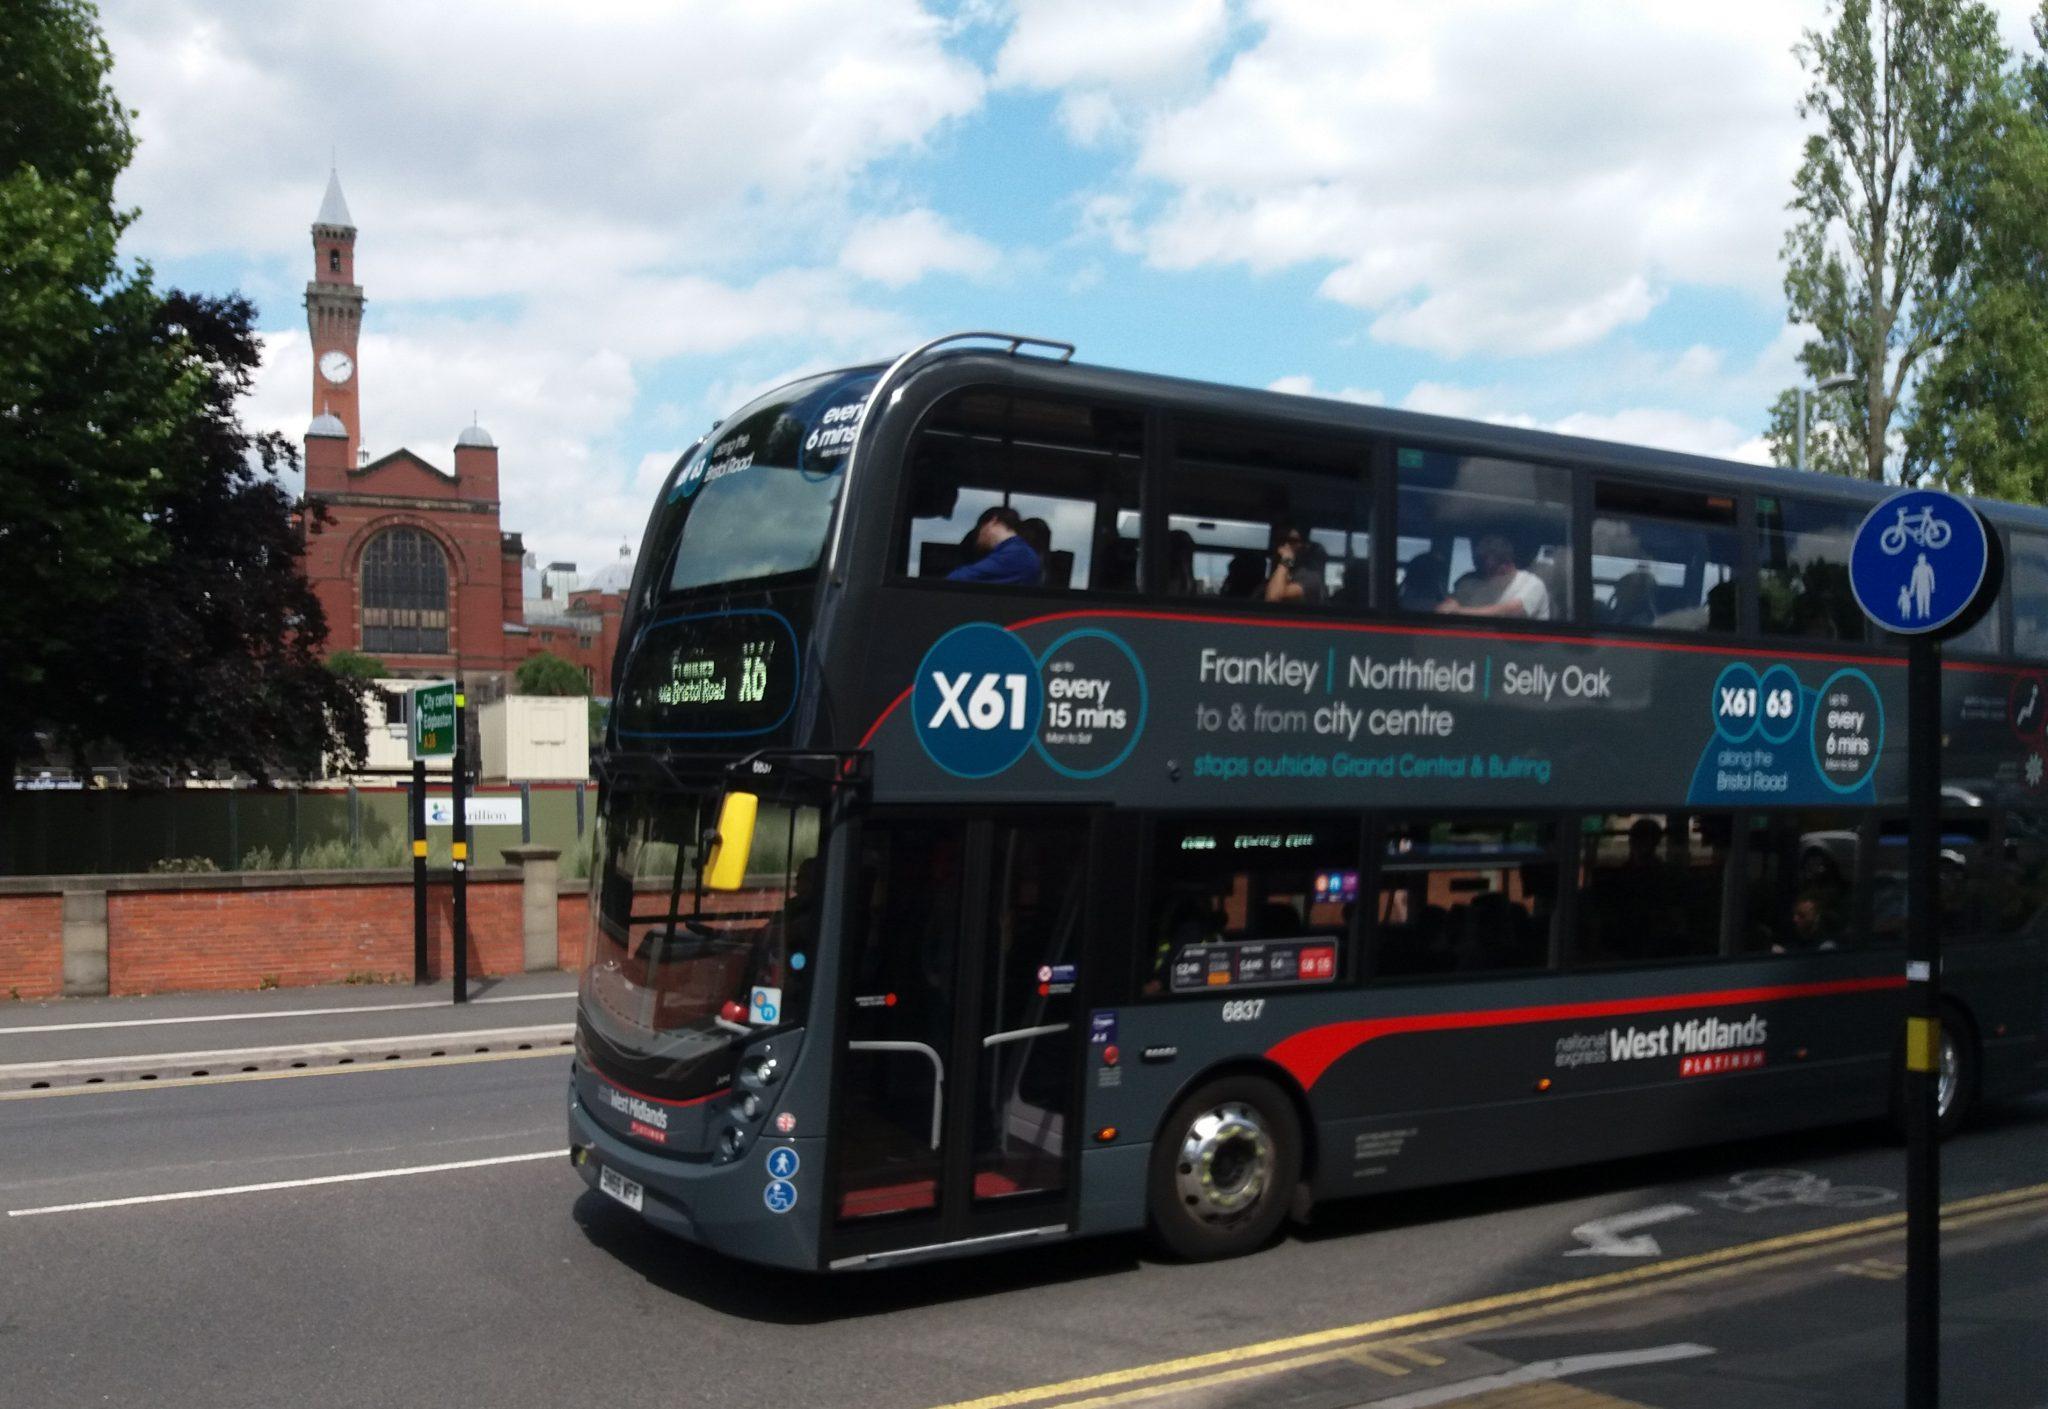 #AYearOfBuses 161: Frankley – Birmingham